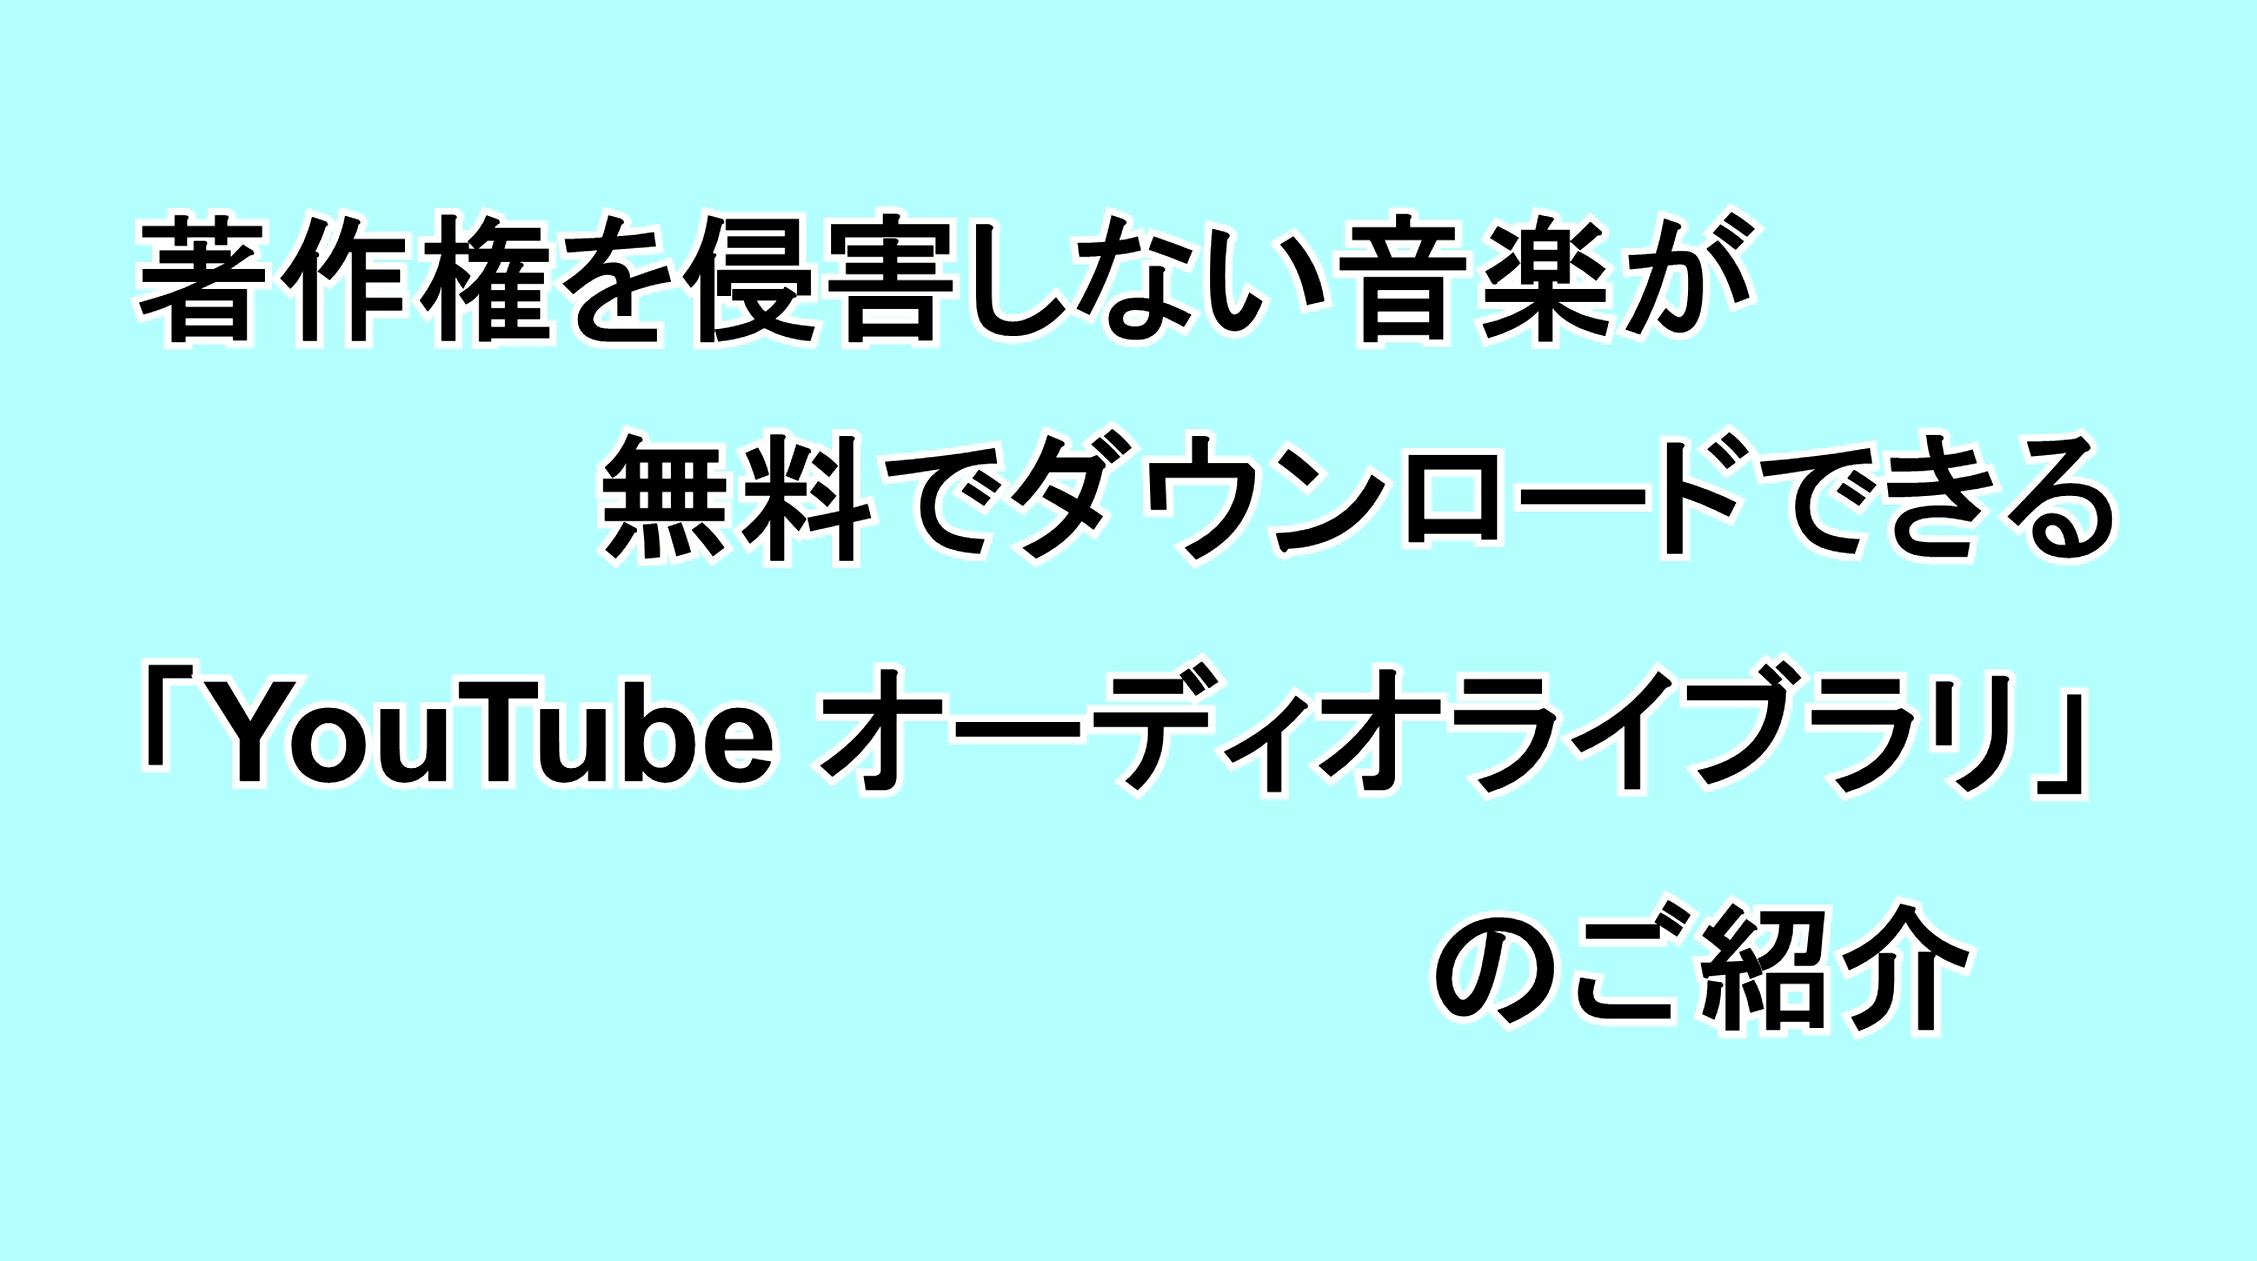 著作権を侵害しない音楽が無料でダウンロードできる「YouTube オーディオライブラリ」のご紹介